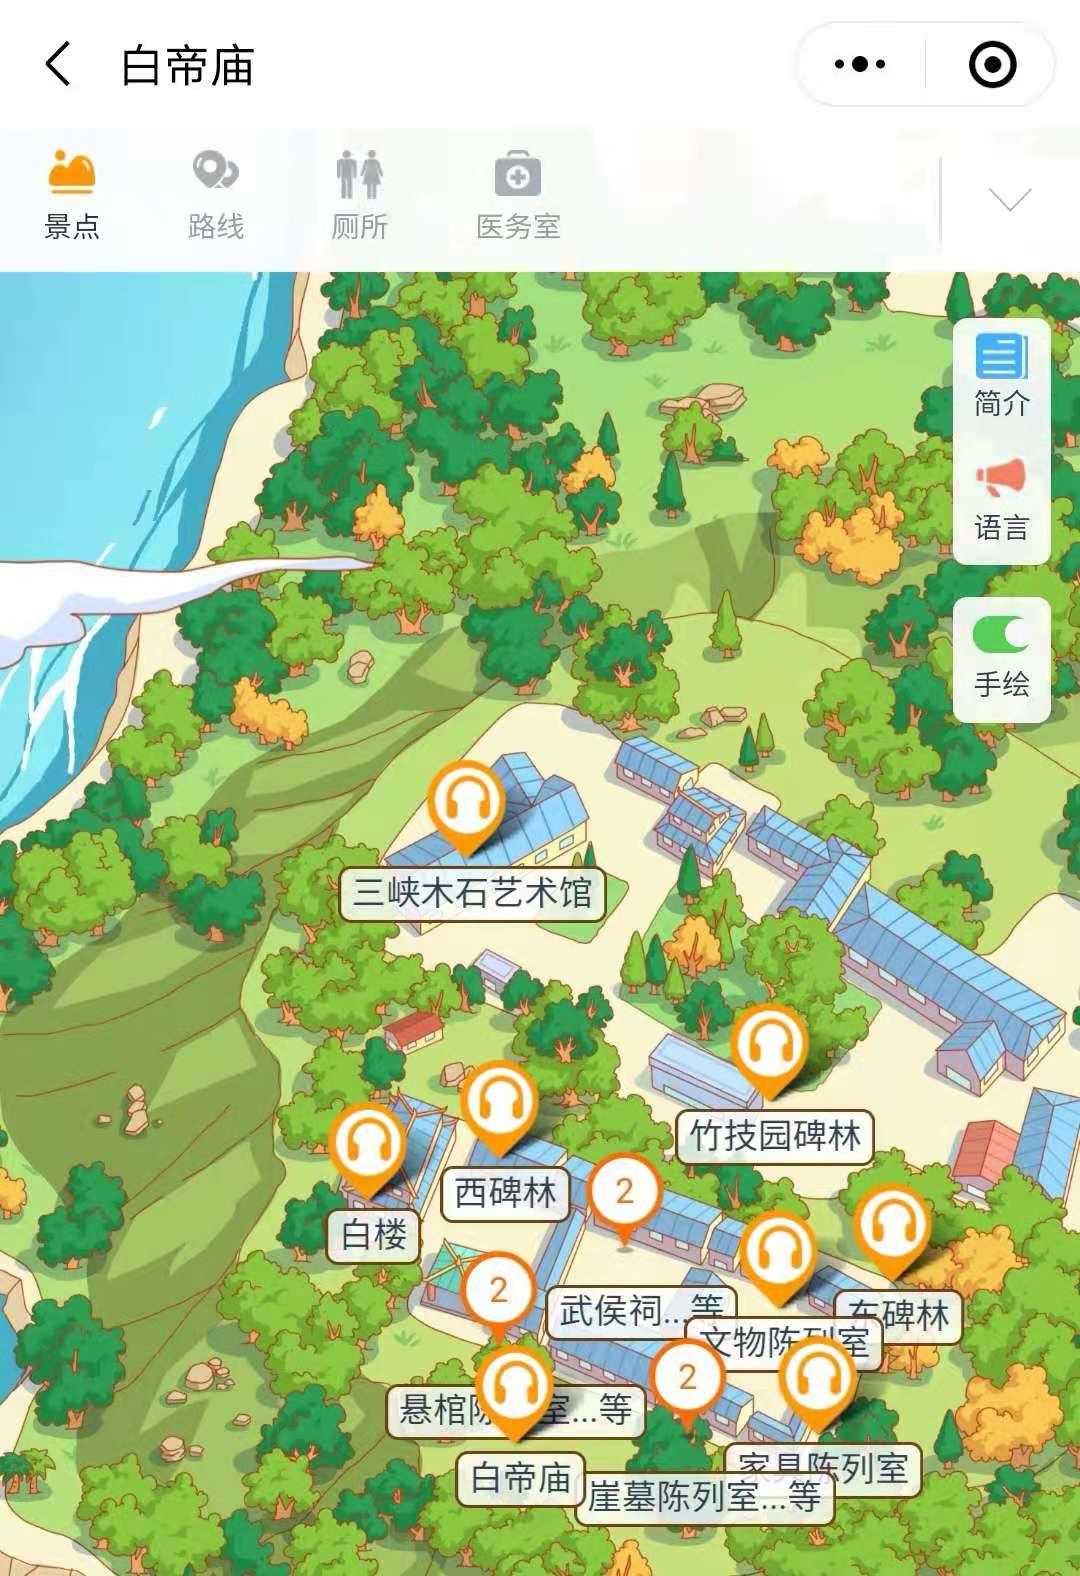 2021年重庆白帝庙手绘地图,电子导览,语音讲解系统上线.jpg